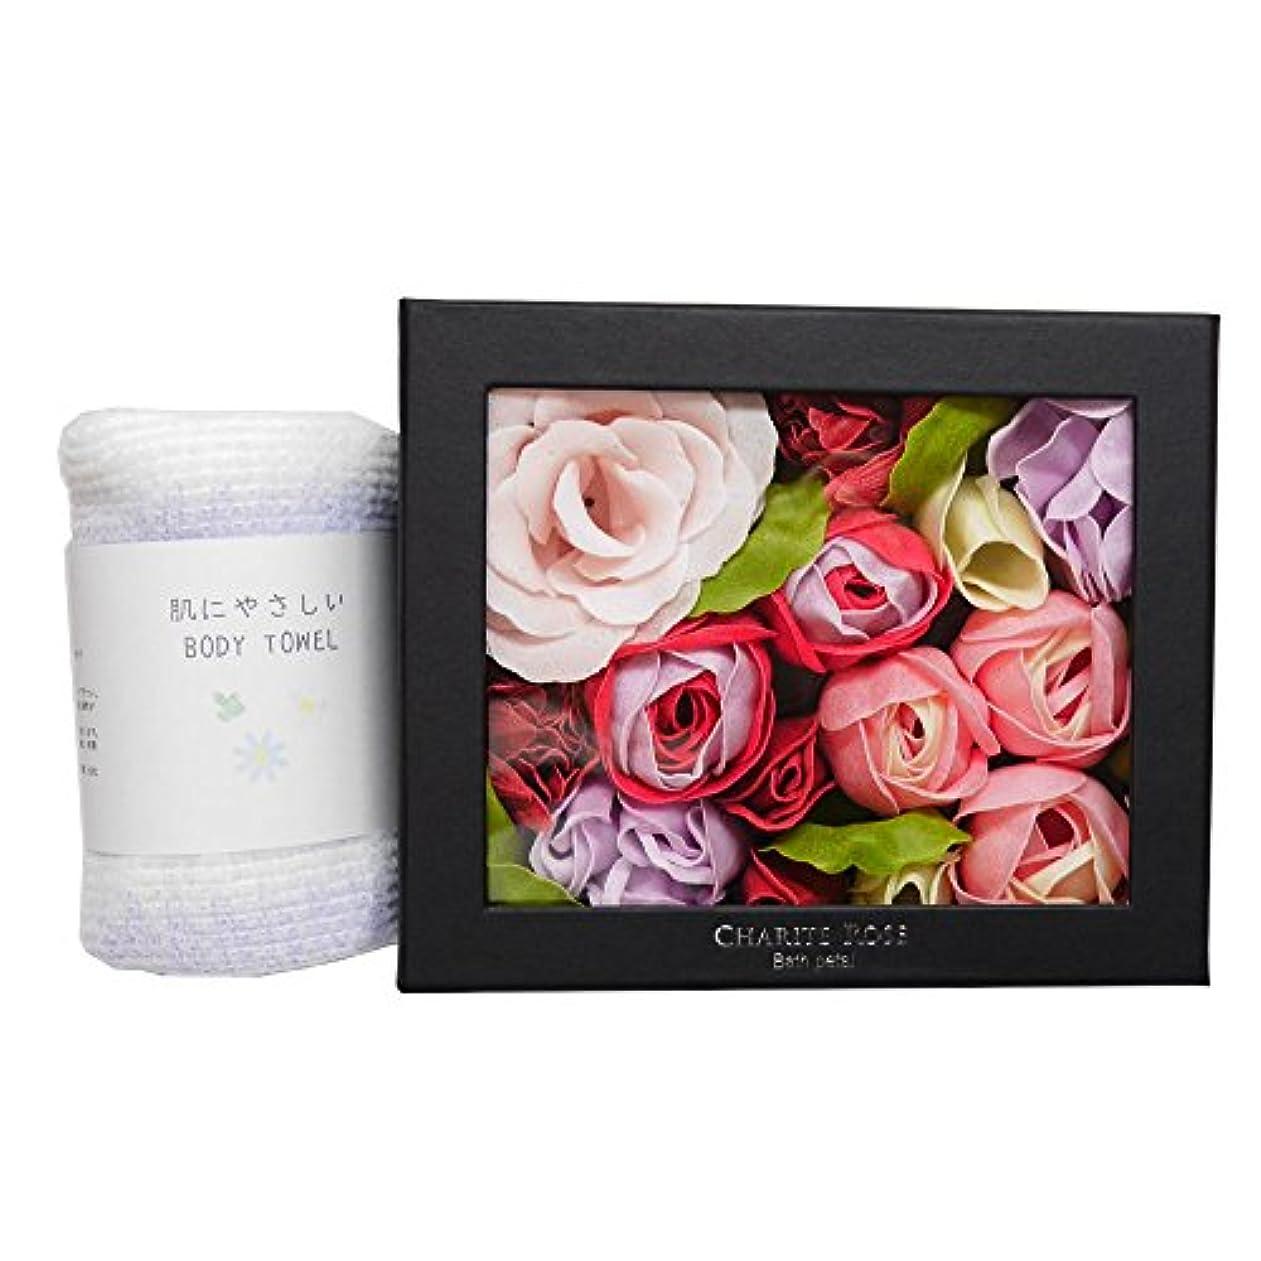 蓄積するビットアクセシブルローズ バスペタル グロスローズ ピンク ボディタオル セット/バラ お花 入浴剤 母の日 お祝い 記念日 贈り物 プレゼント